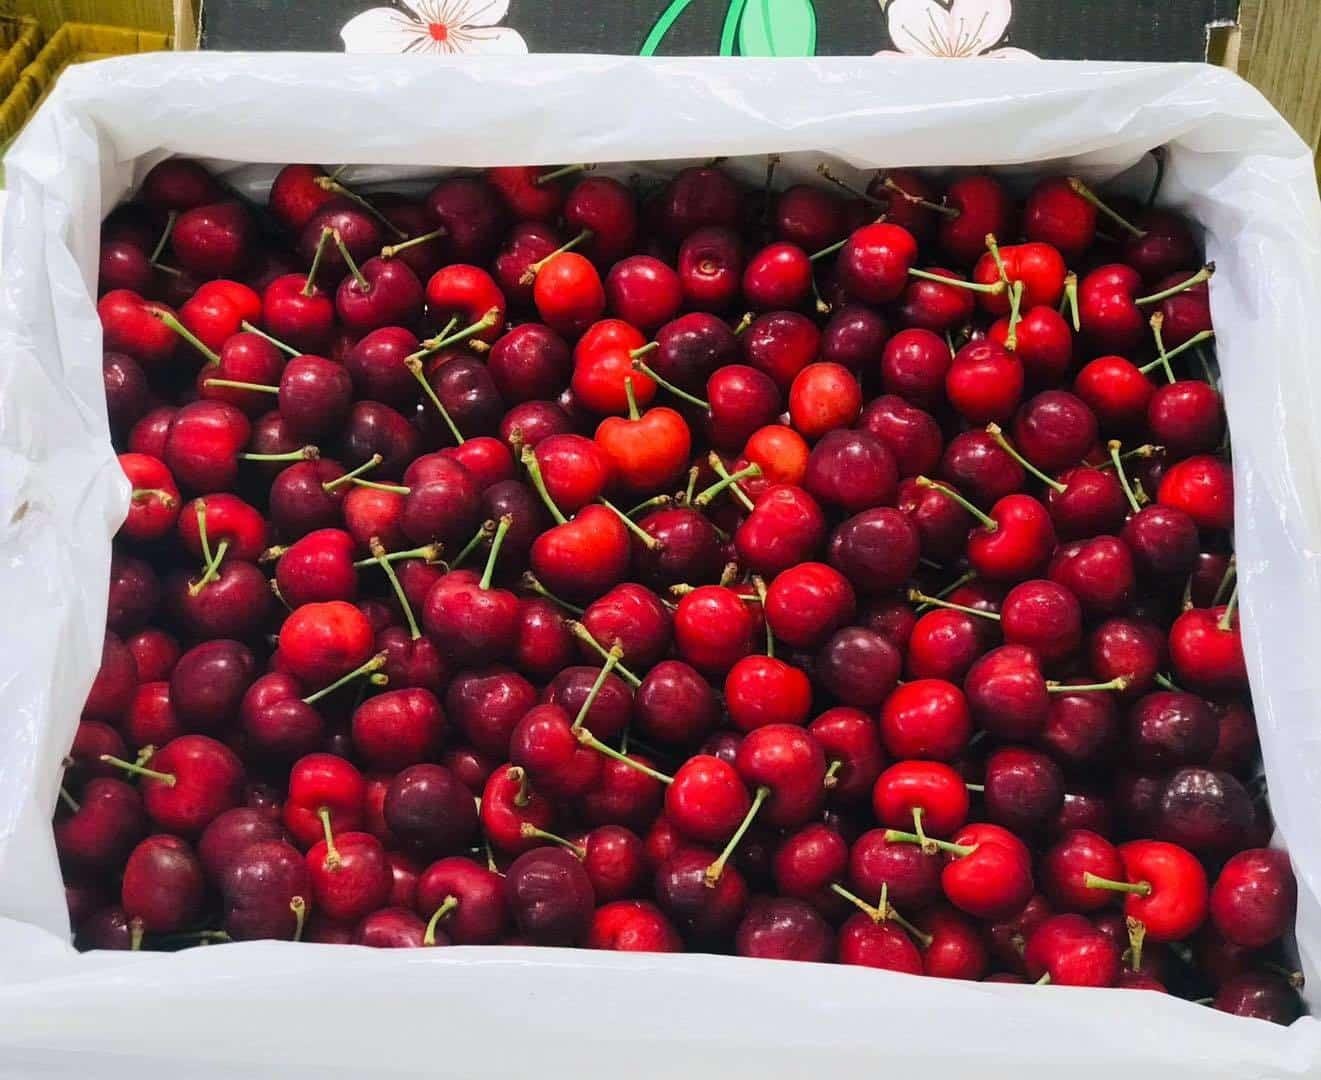 Mua cherry ở đâu TPHCM? Tốt nhất